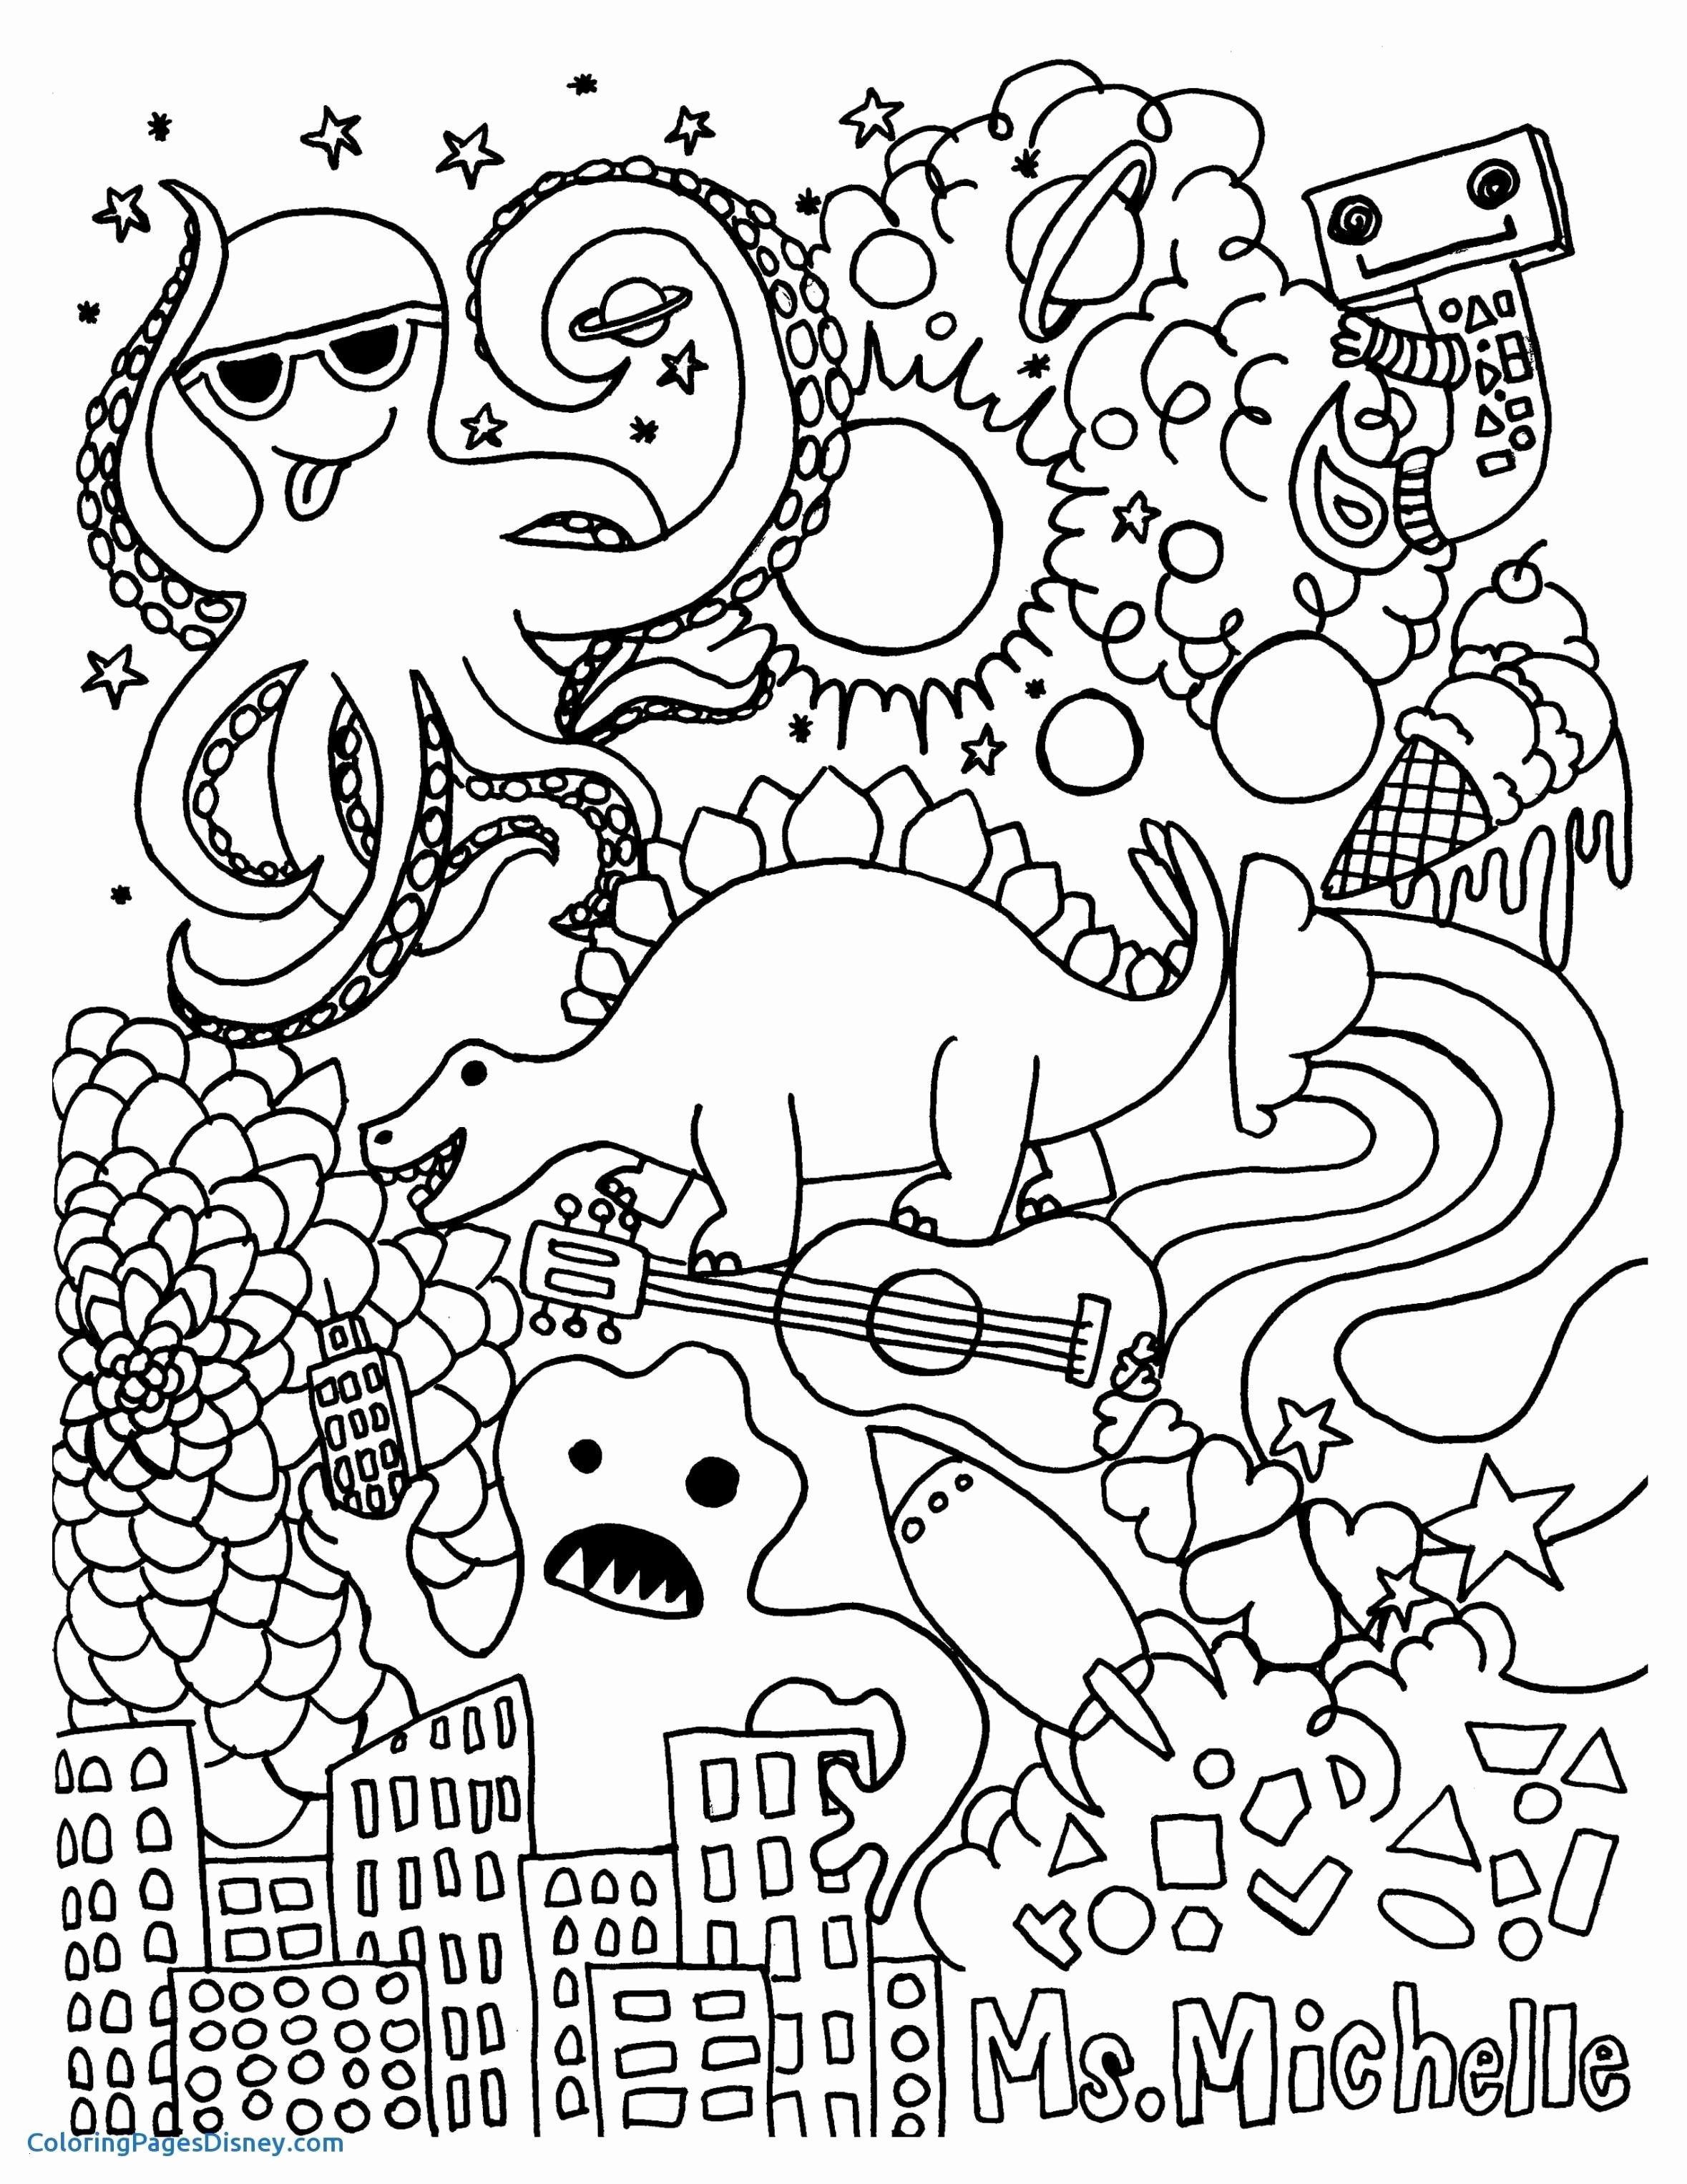 Malvorlagen Monster High Einzigartig Wald Zum Ausmalen Garten Tiere Wimmelbild … Ausmalbilder O2d5 Galerie